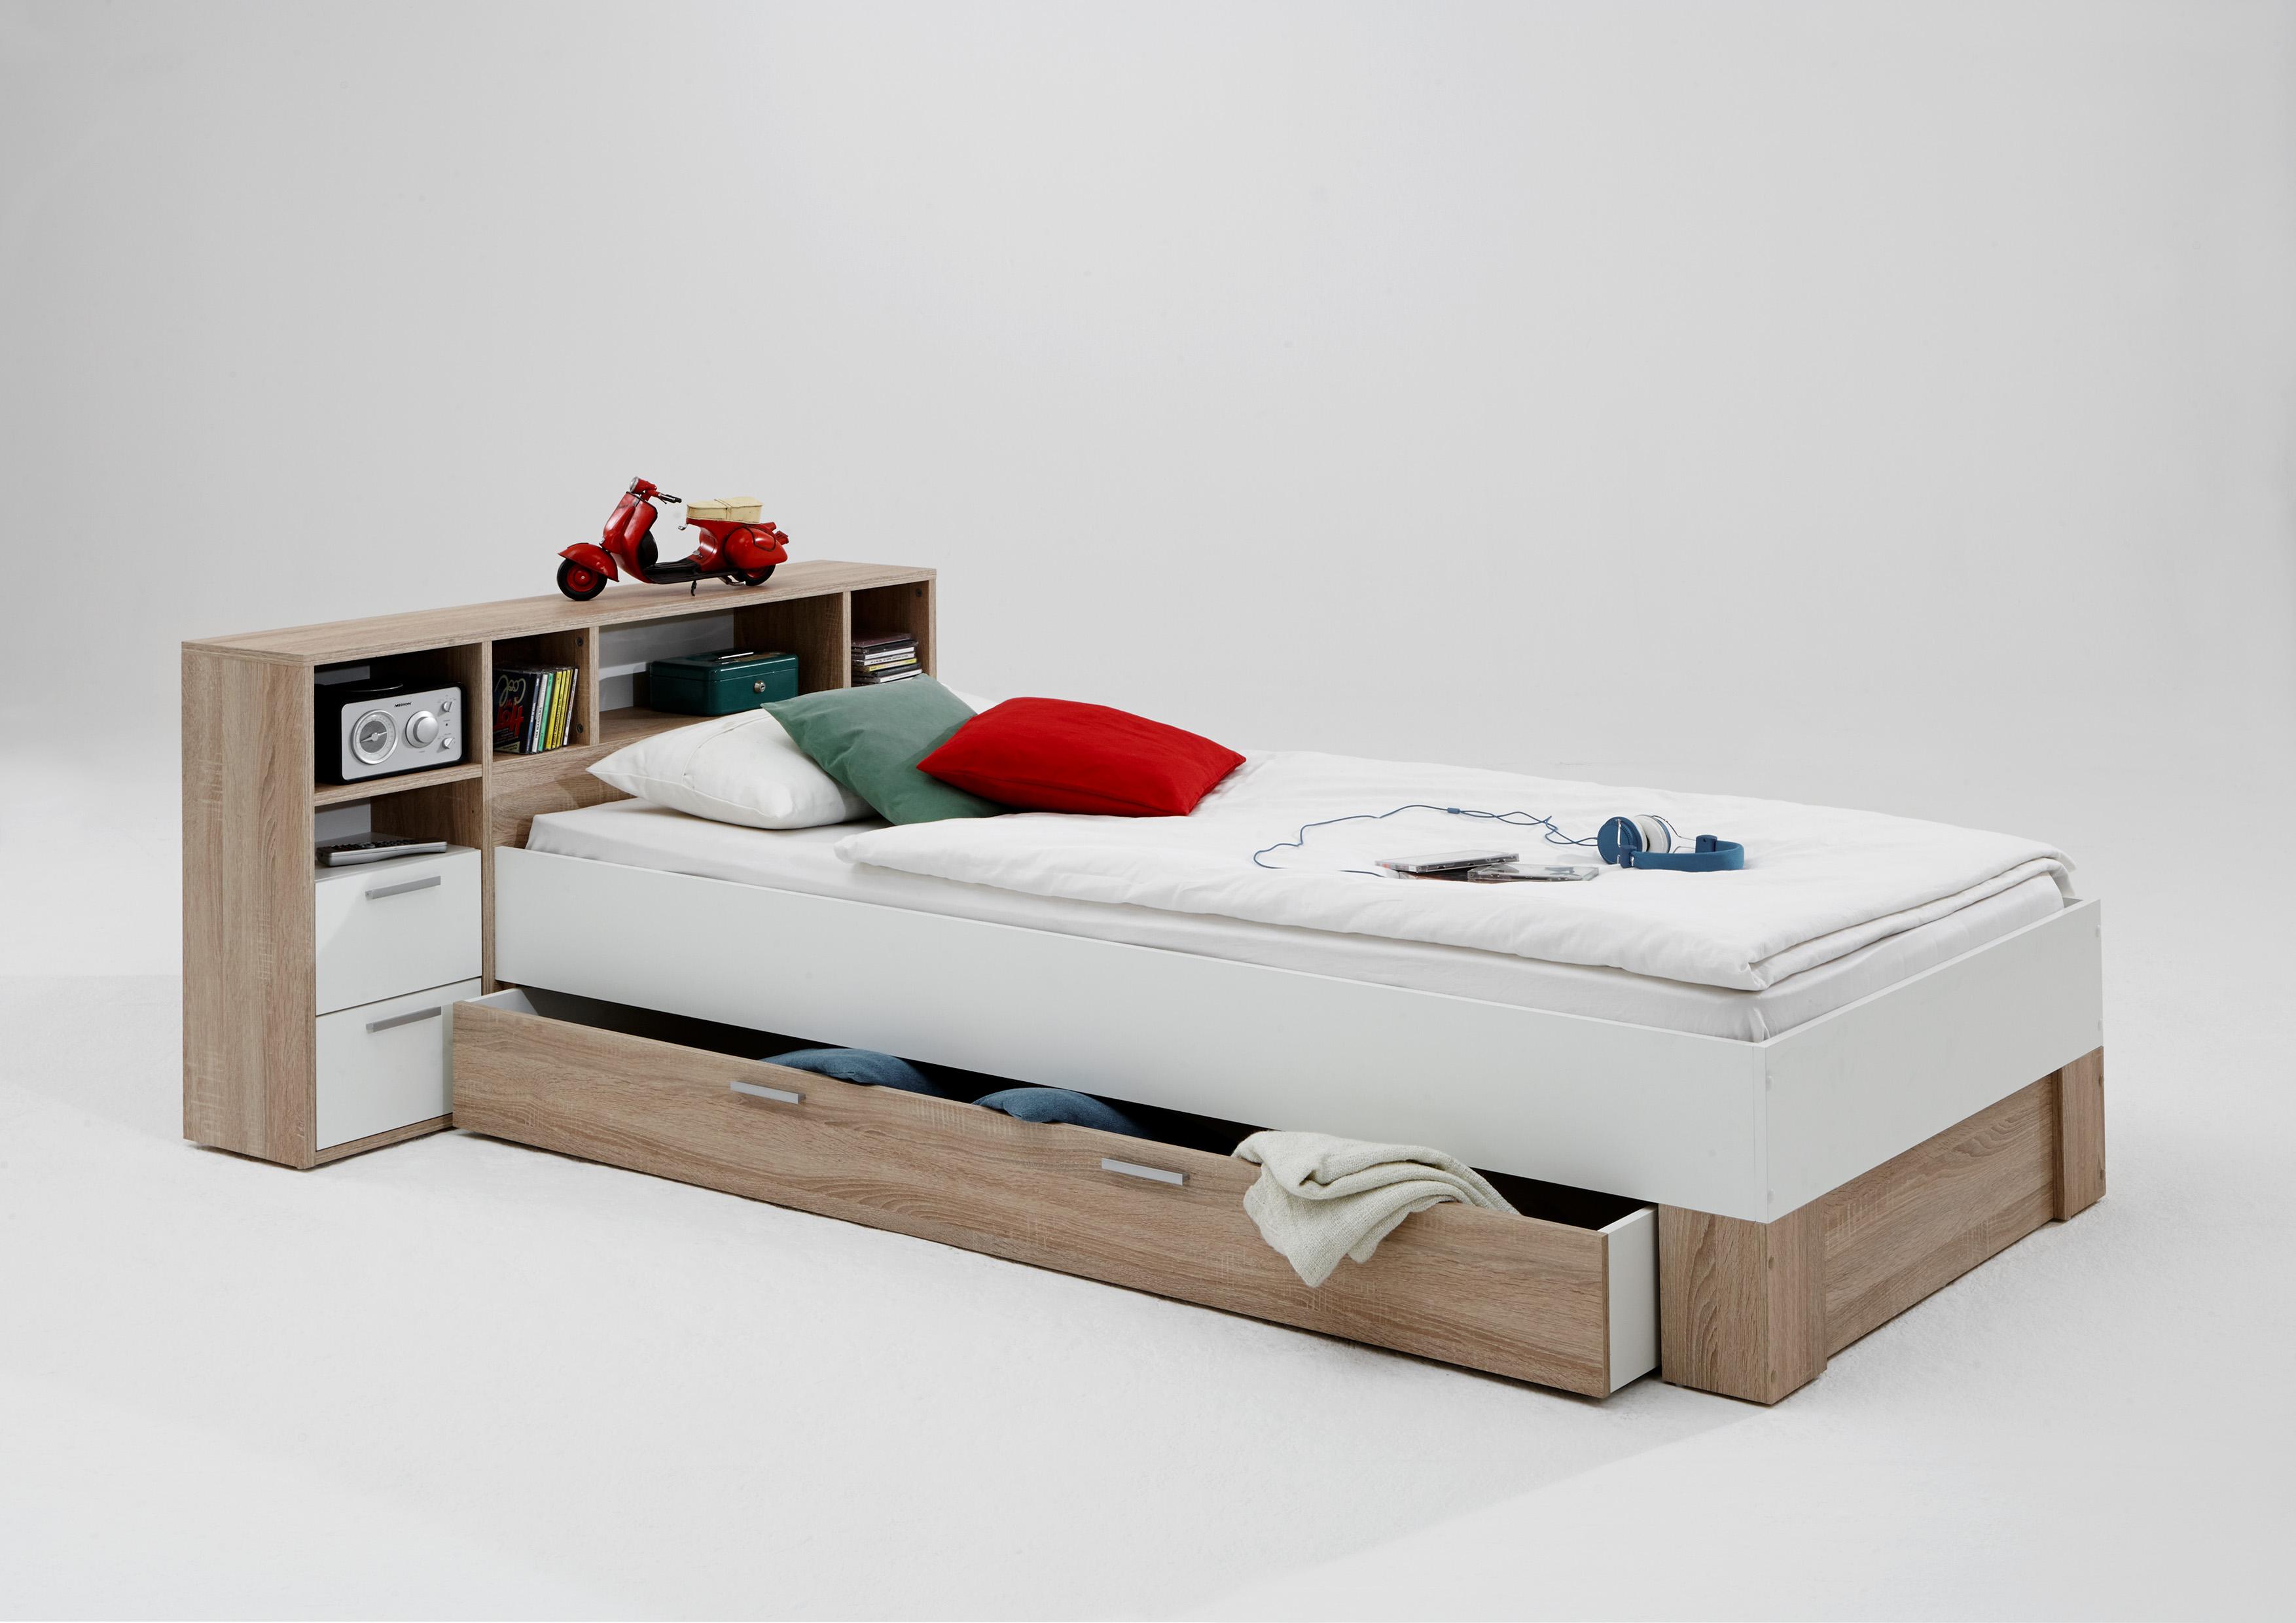 fabio 1 90x200 bettanlage mit ablagef chern von fmd eiche wei. Black Bedroom Furniture Sets. Home Design Ideas